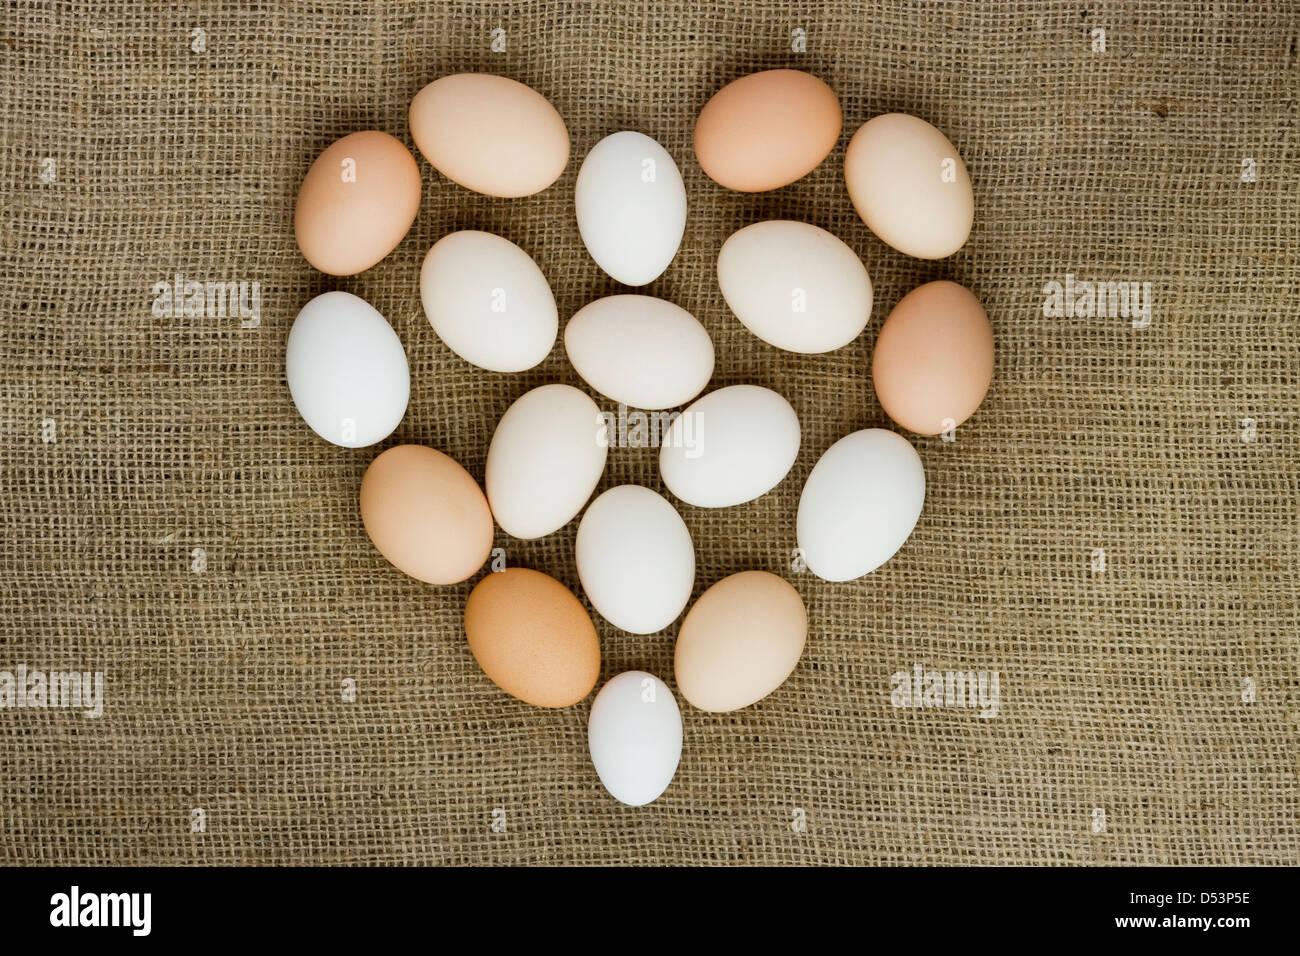 Frischen Eiern vom Bauernhof, Herzform Stockbild